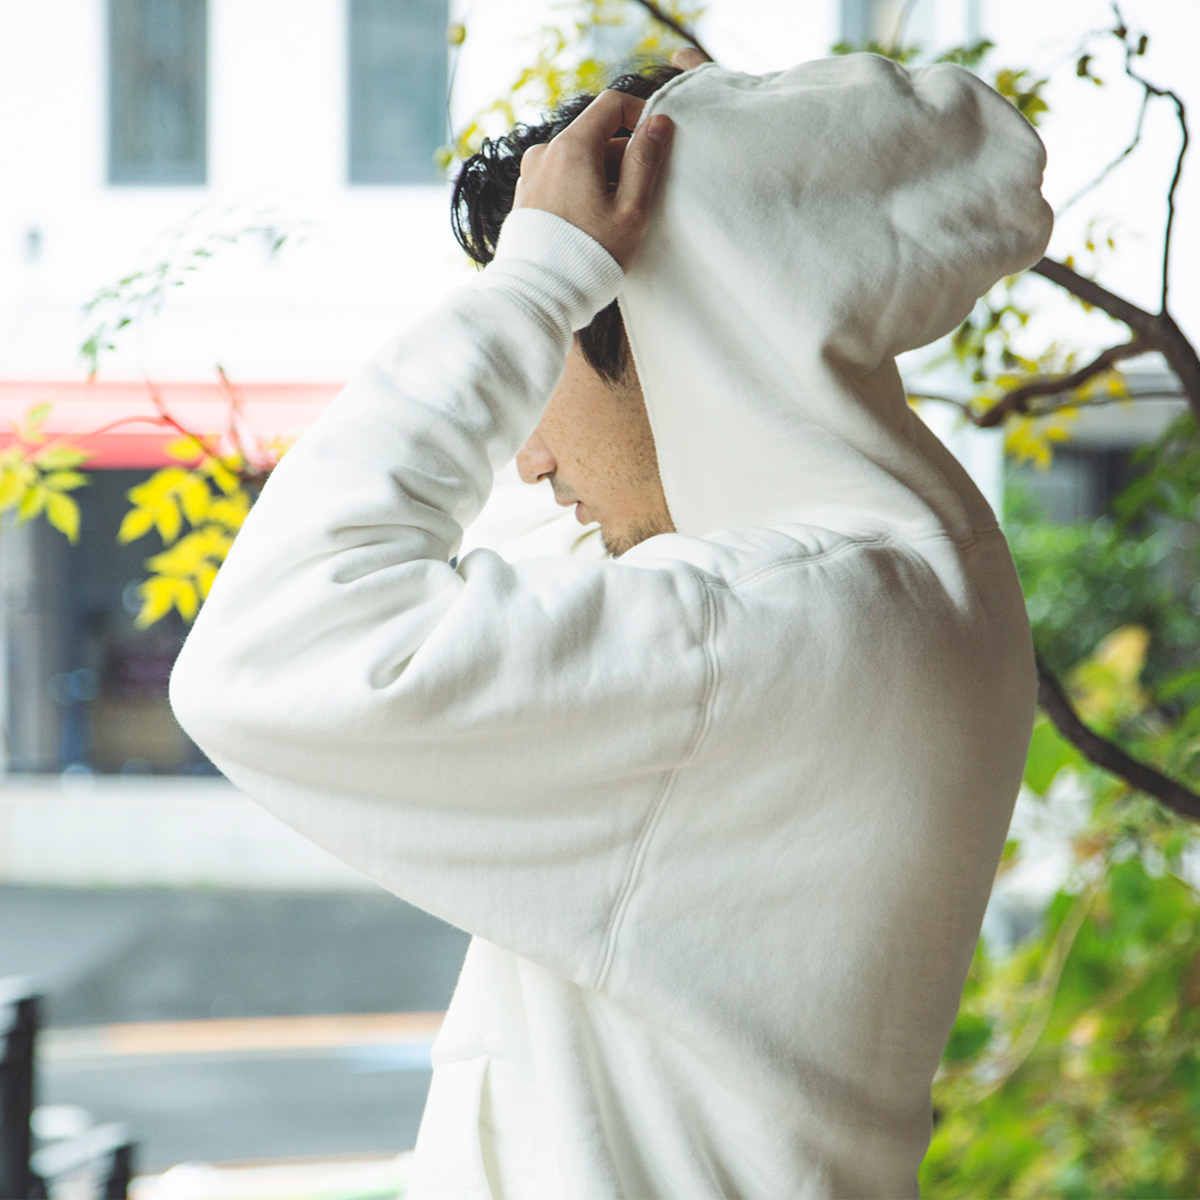 アイビーリーガーの防寒着だったこともあり、寒さ対策の工夫を凝らした独自のディテール。ポルディング社の名作の復刻版の「サイドラインパーカ」|A.G. Spalding & Bros